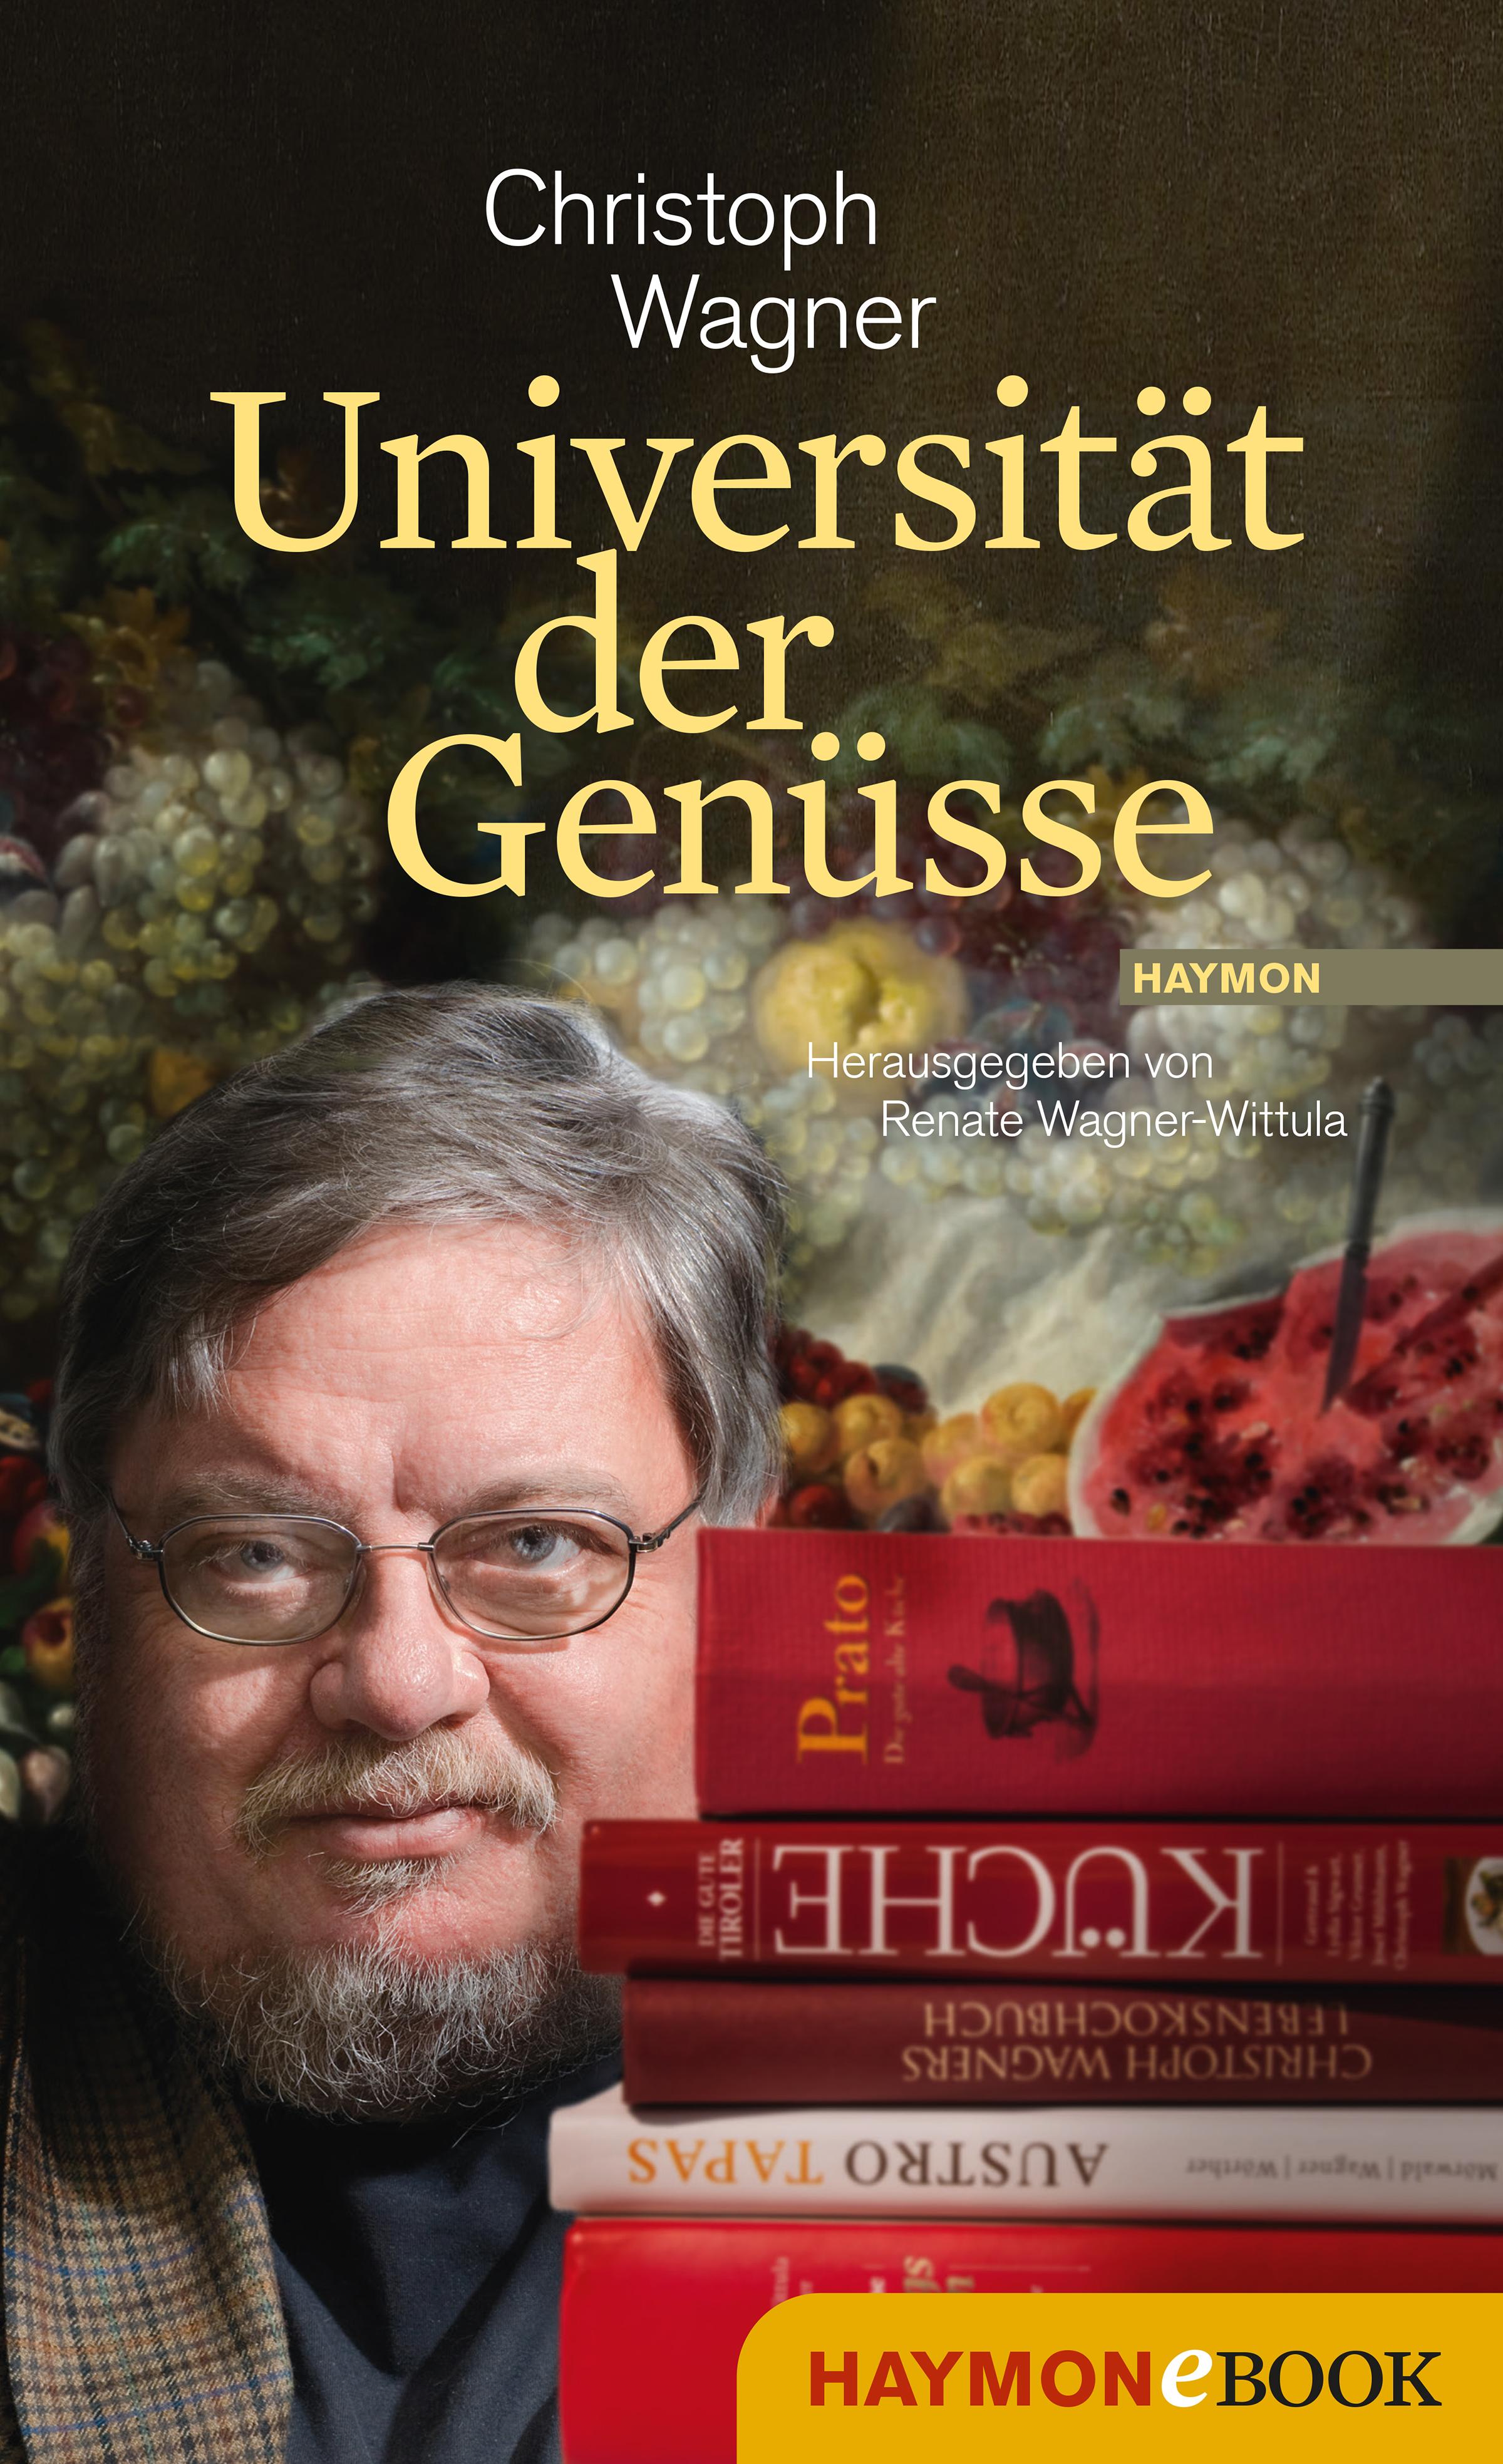 Christoph Wagner Universität der Genüsse michael wagner sql xml 2006 evaluierung der standardkonformitat ausgewahlter datenbanksysteme